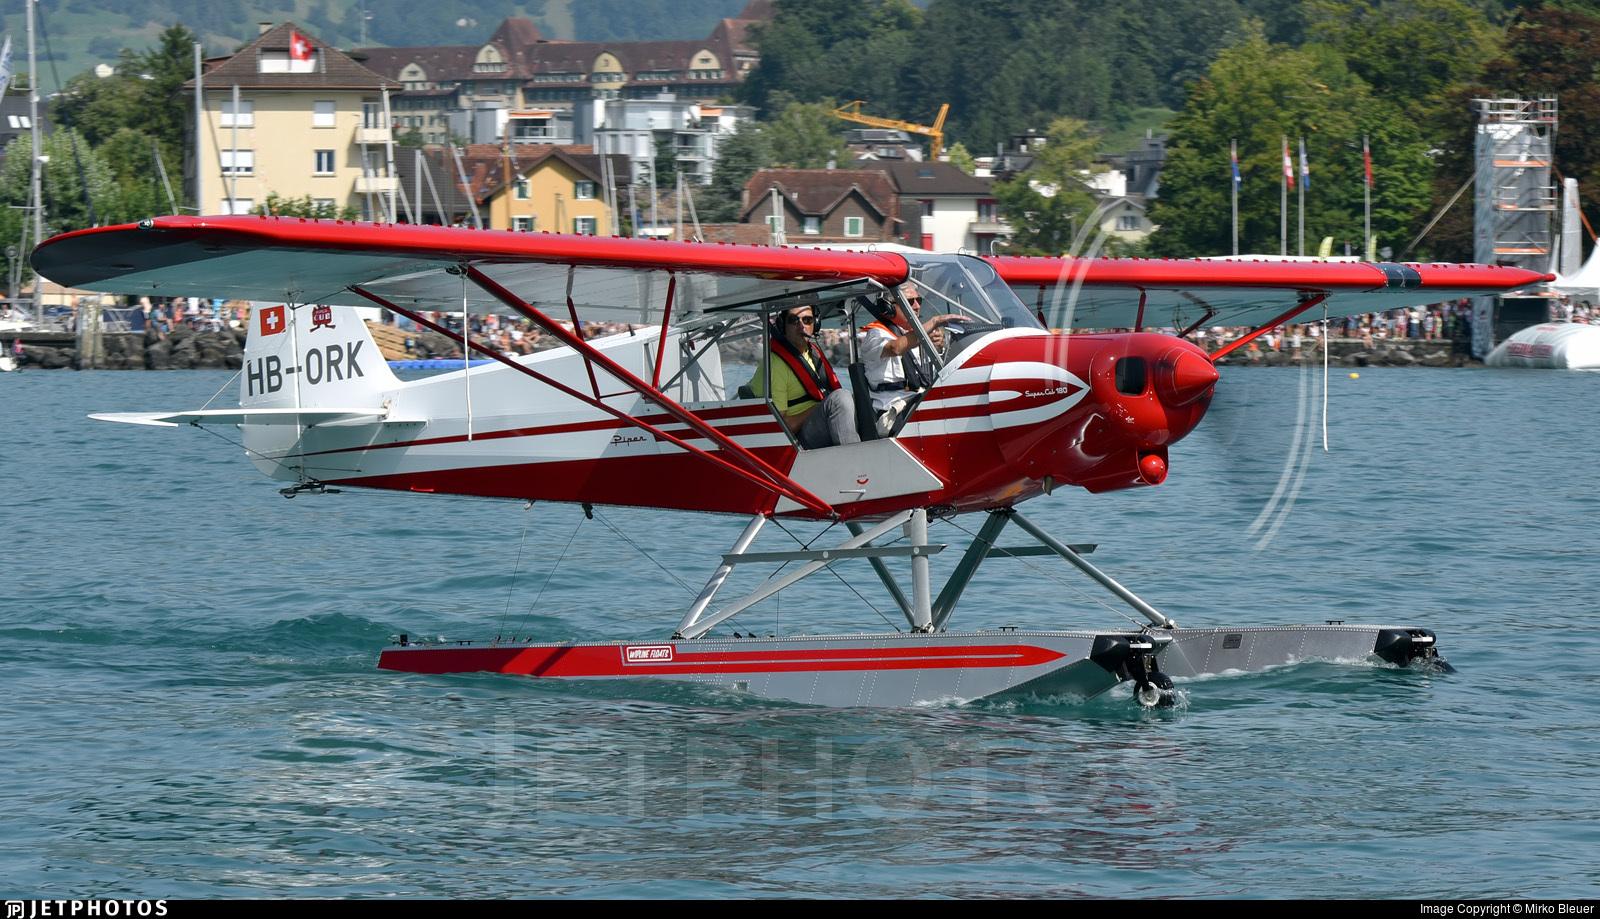 HB-ORK - Piper PA-18-150 Super Cub - Private